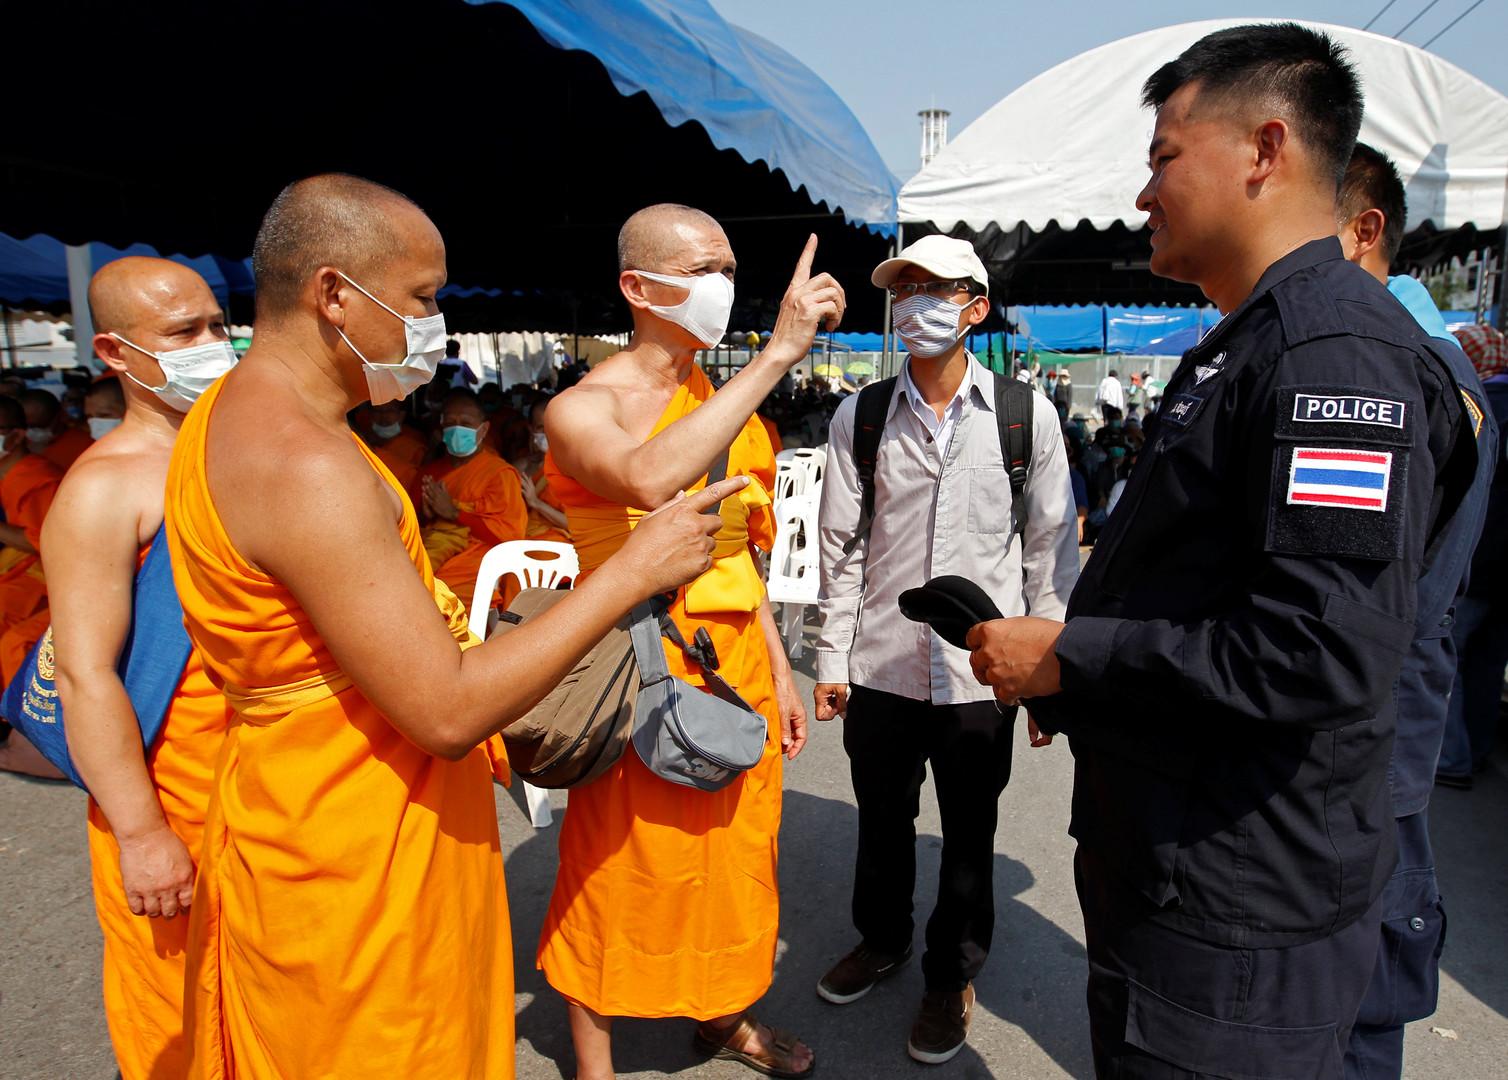 Die Durchsuchungen haben keine Ergebnisse erzielt und die Polizei hat das Tempelgelände umstellt, um den Gläubigen den Zutritt zu verwehren. Menschen aus dem ganzen Land strömen zum Wat Phra Dhammakaya, um die Mönche zu schützen.